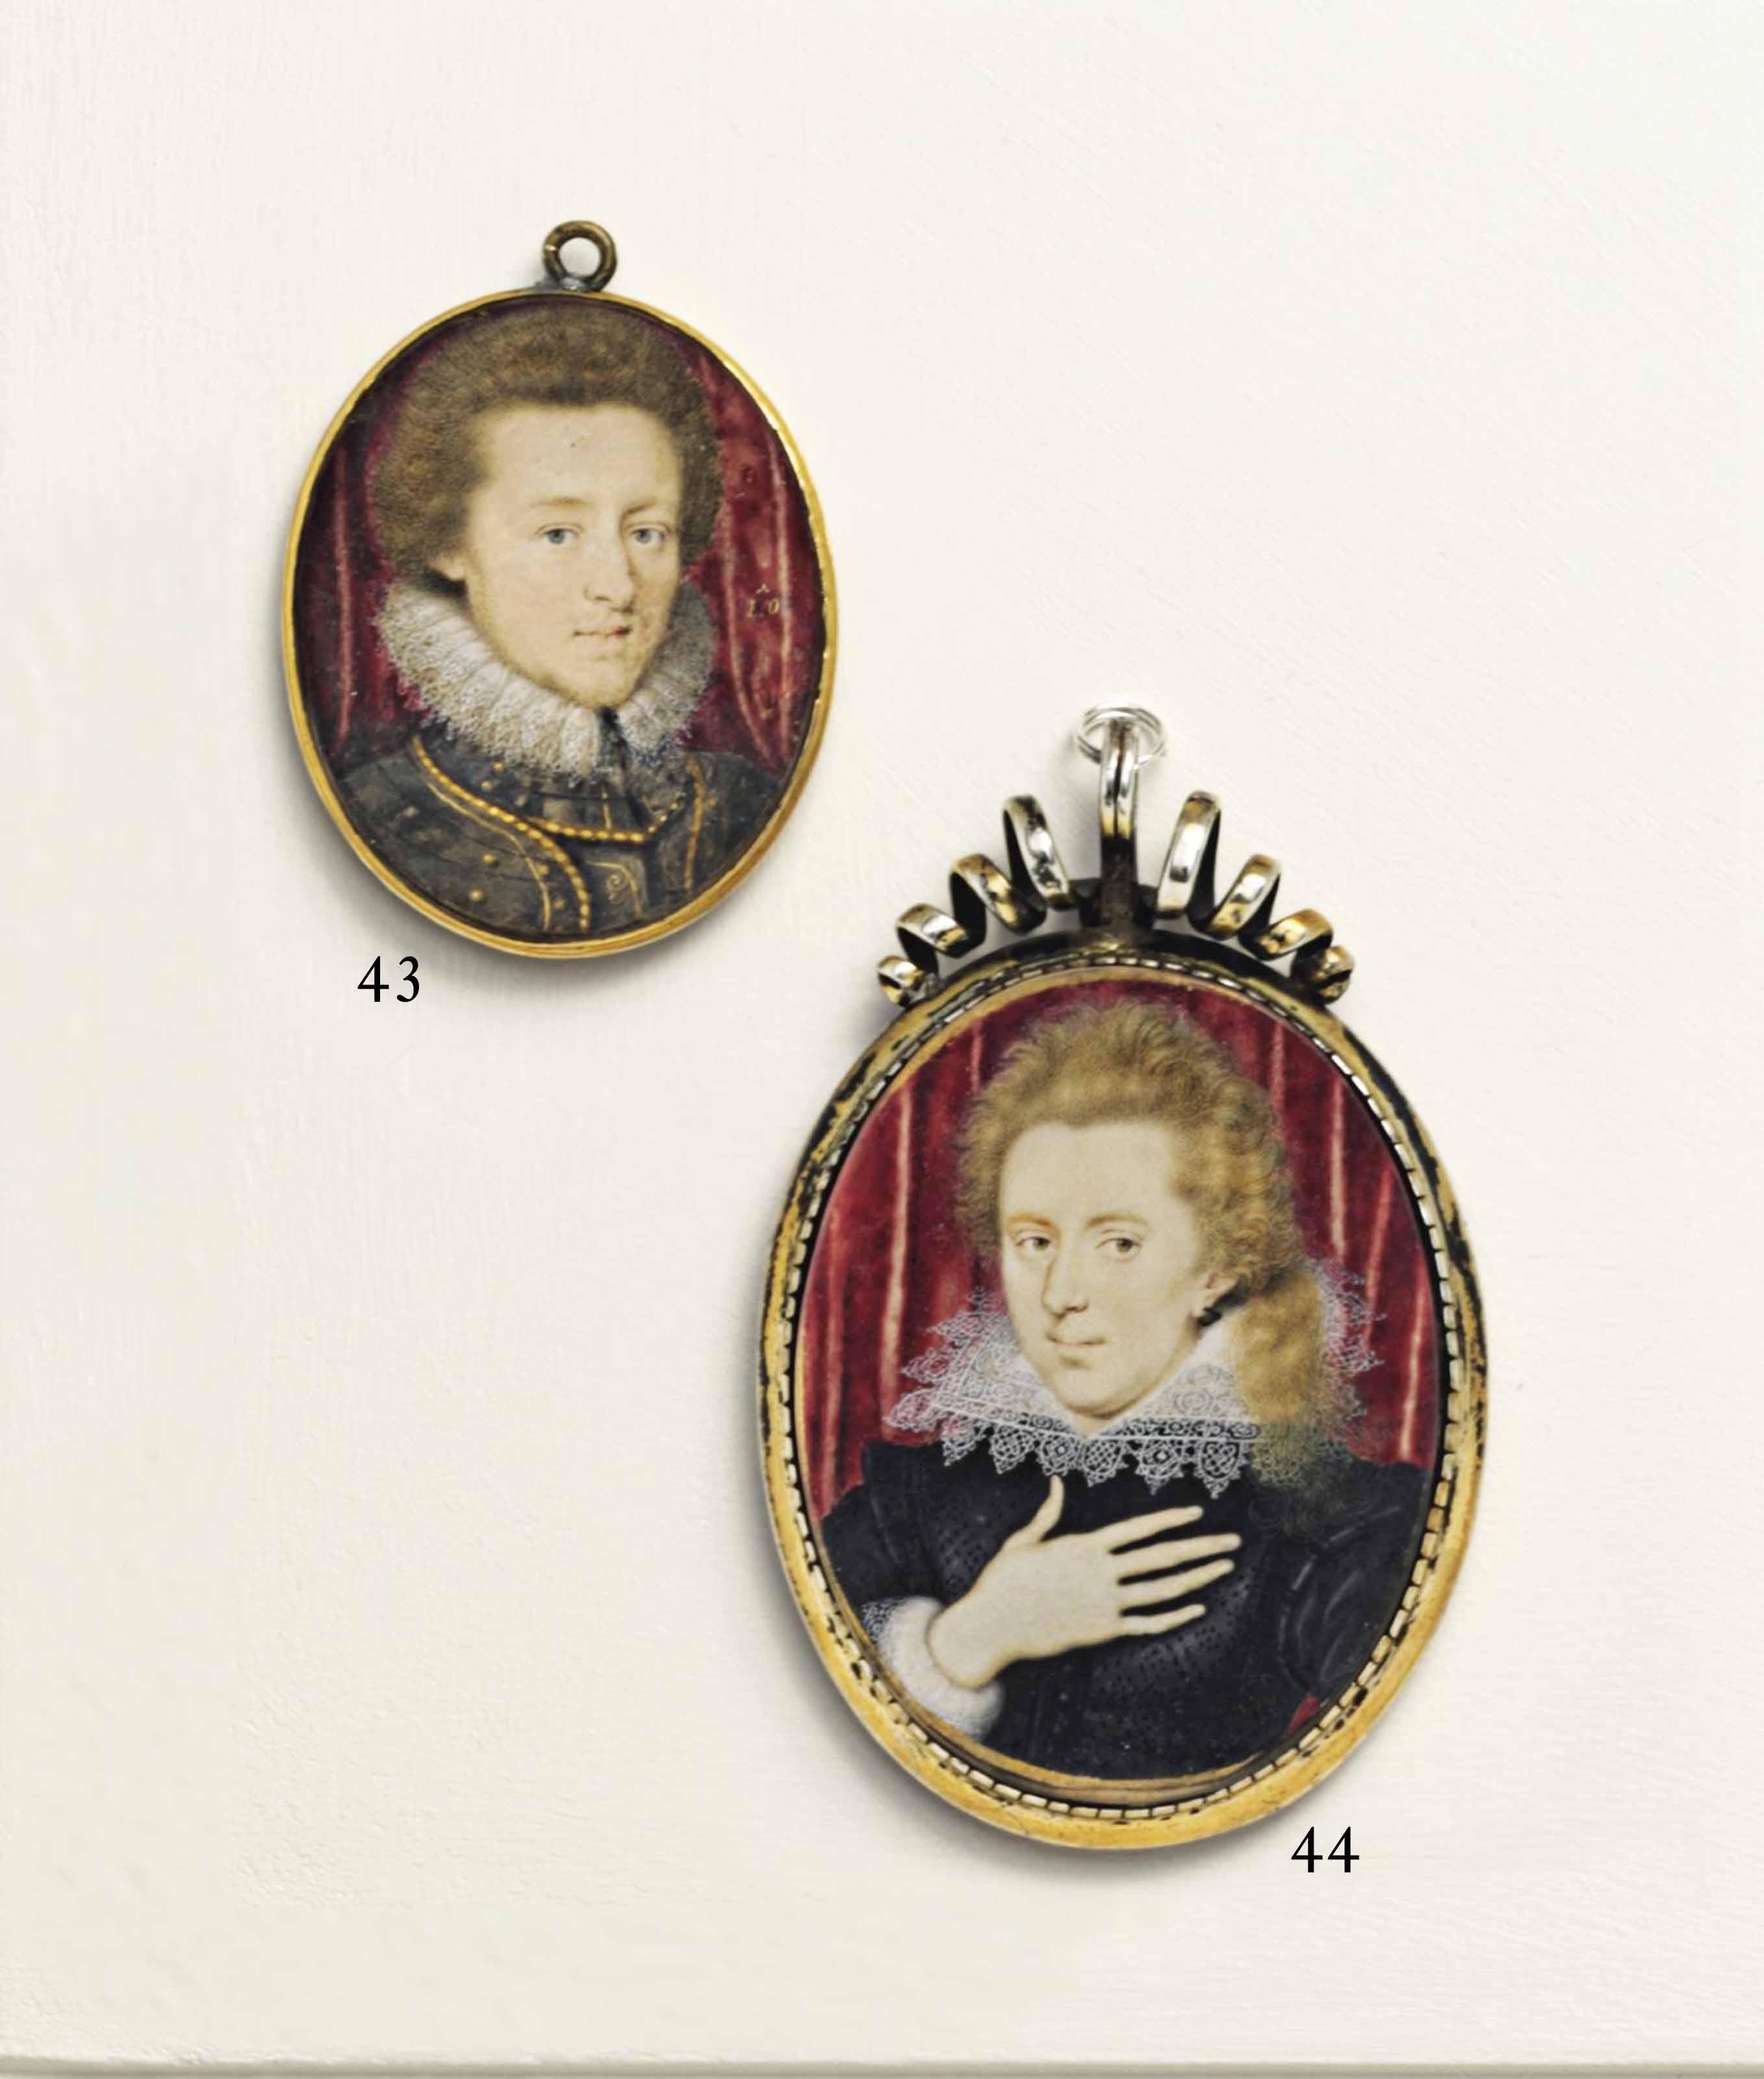 PETER OLIVER (BRITISH, C. 1594-1647)